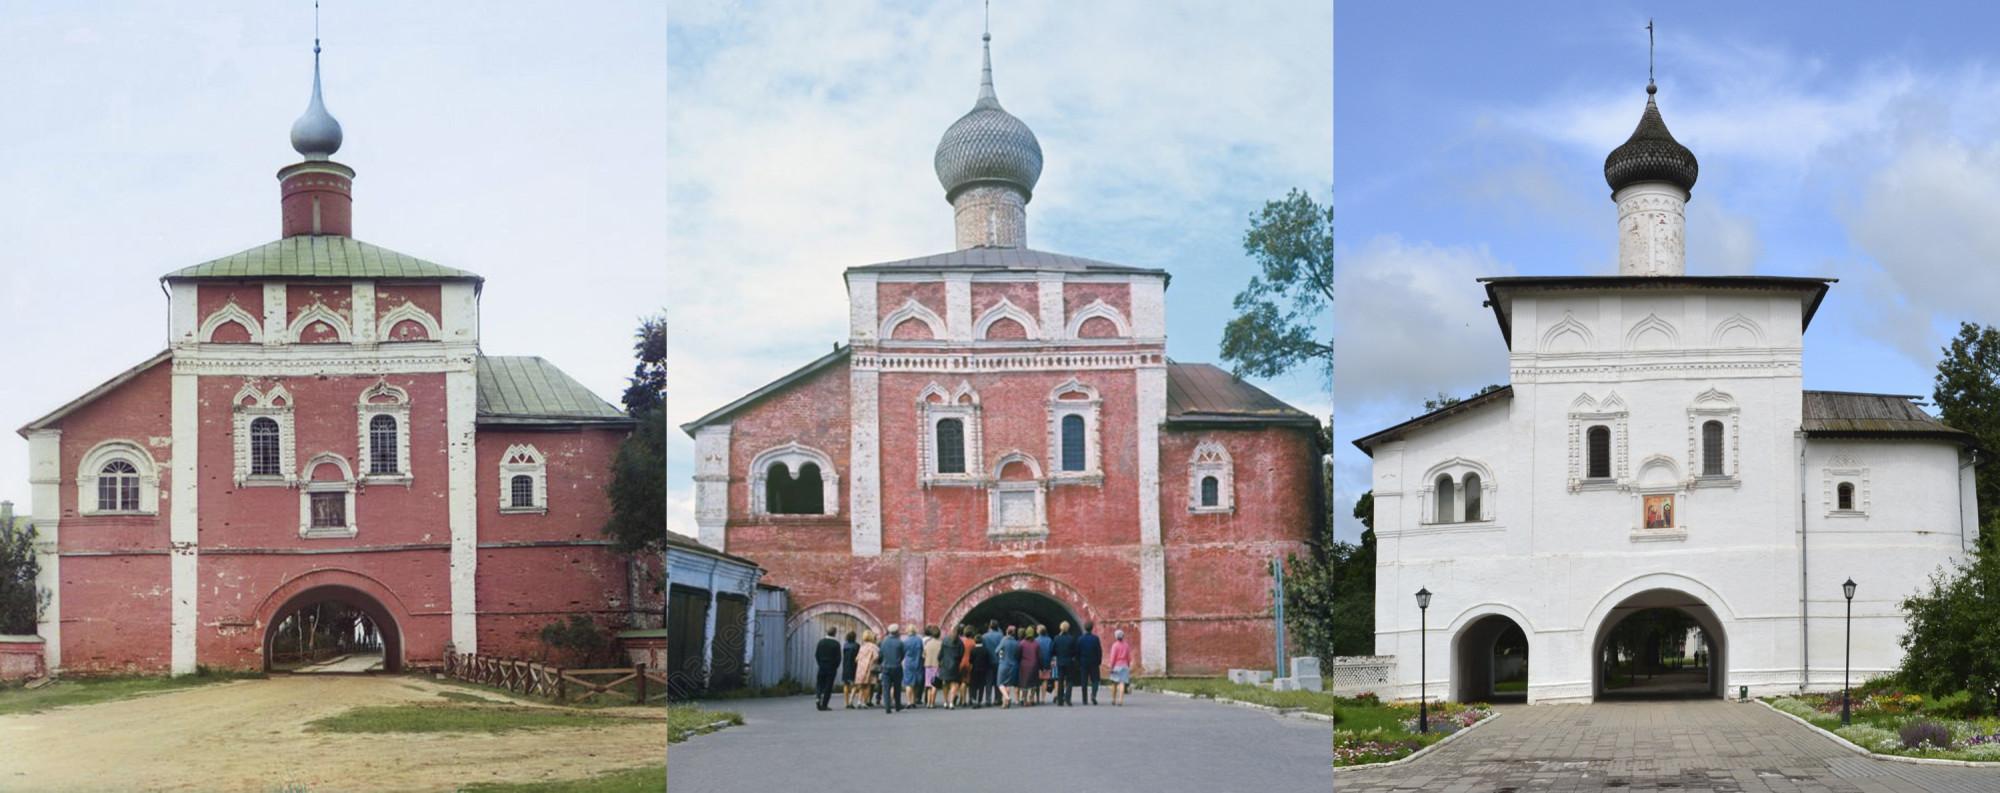 Суздаль. Надвратная Благовещенская церковь Спасо-Евфимиева монастыря. 1912-1969-2015